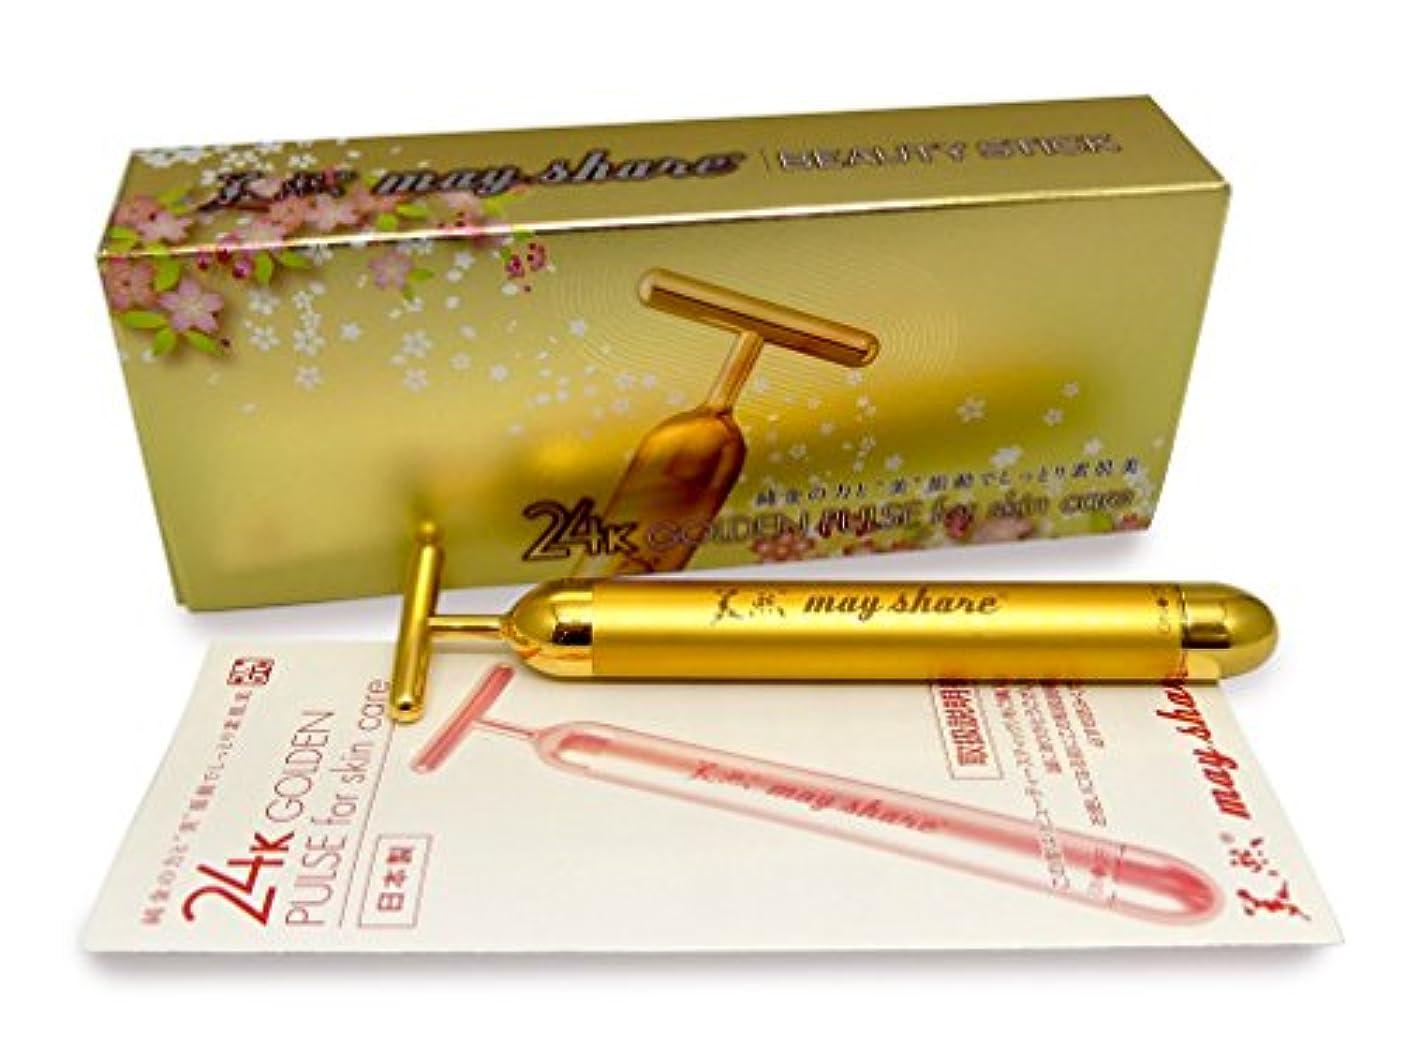 一定シンポジウムハム日本製 24Kゴールドビューティースティック(T型)Beauty Stick 黄金棒 MS-1